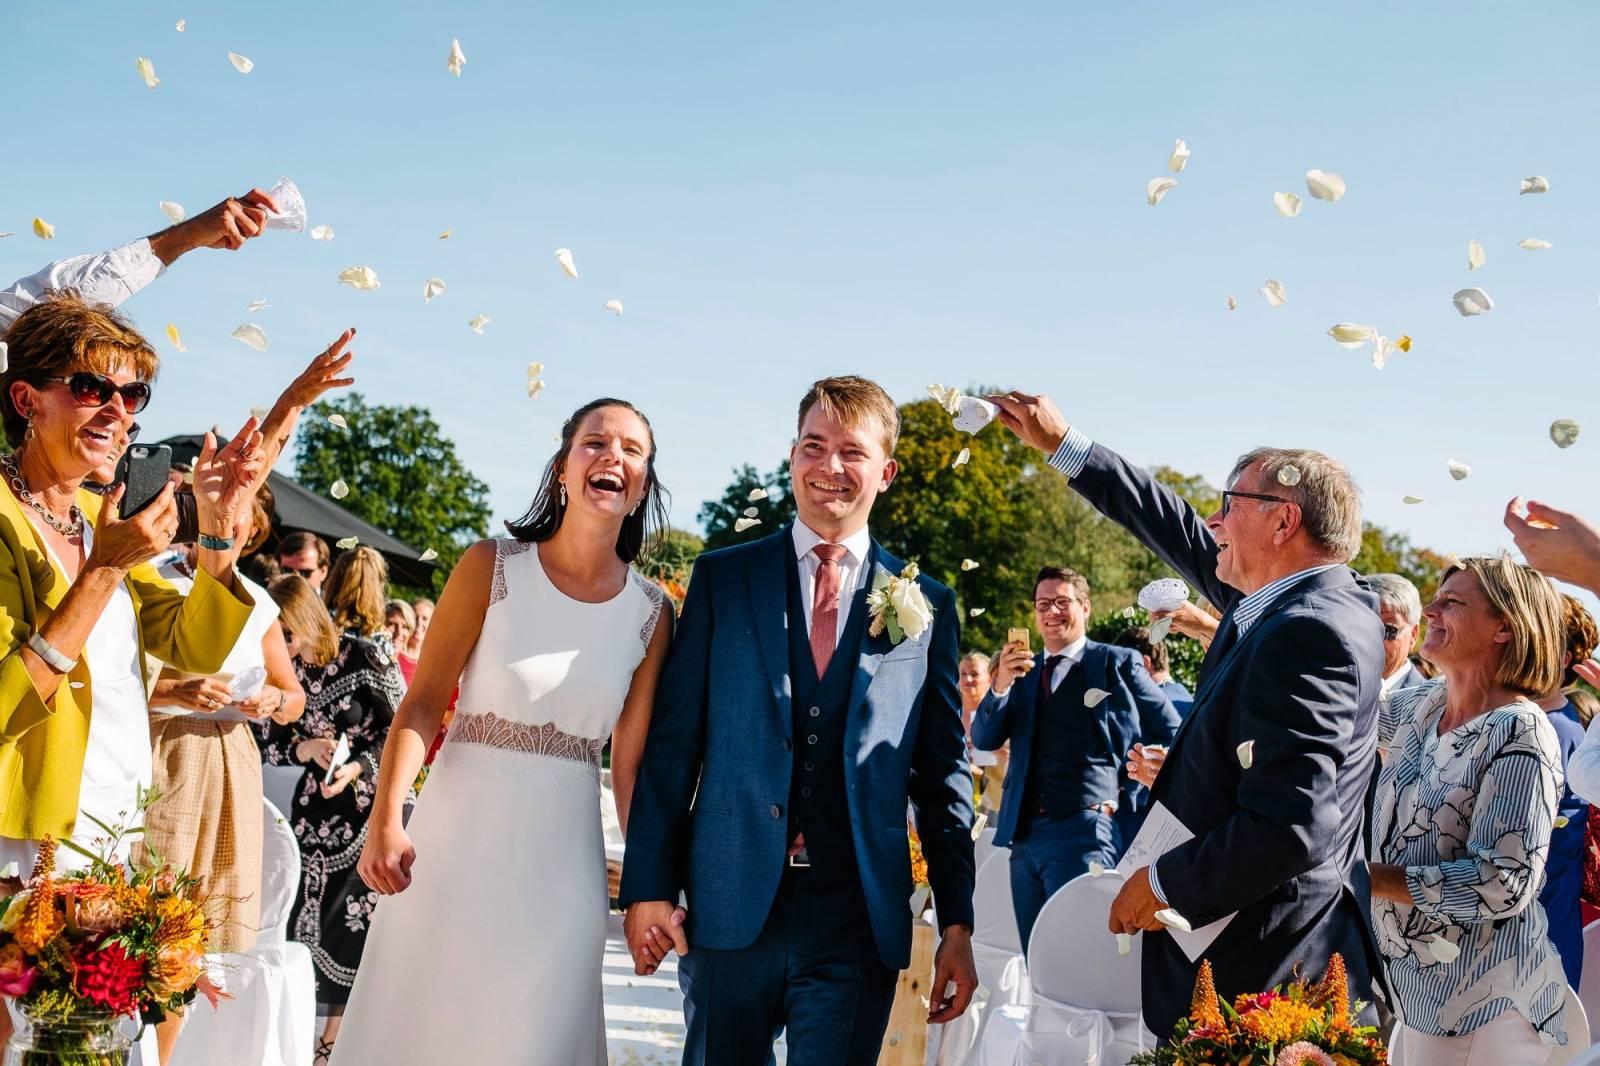 Jonas De Gent - Huwelijksfotograaf - House of Weddings - 5